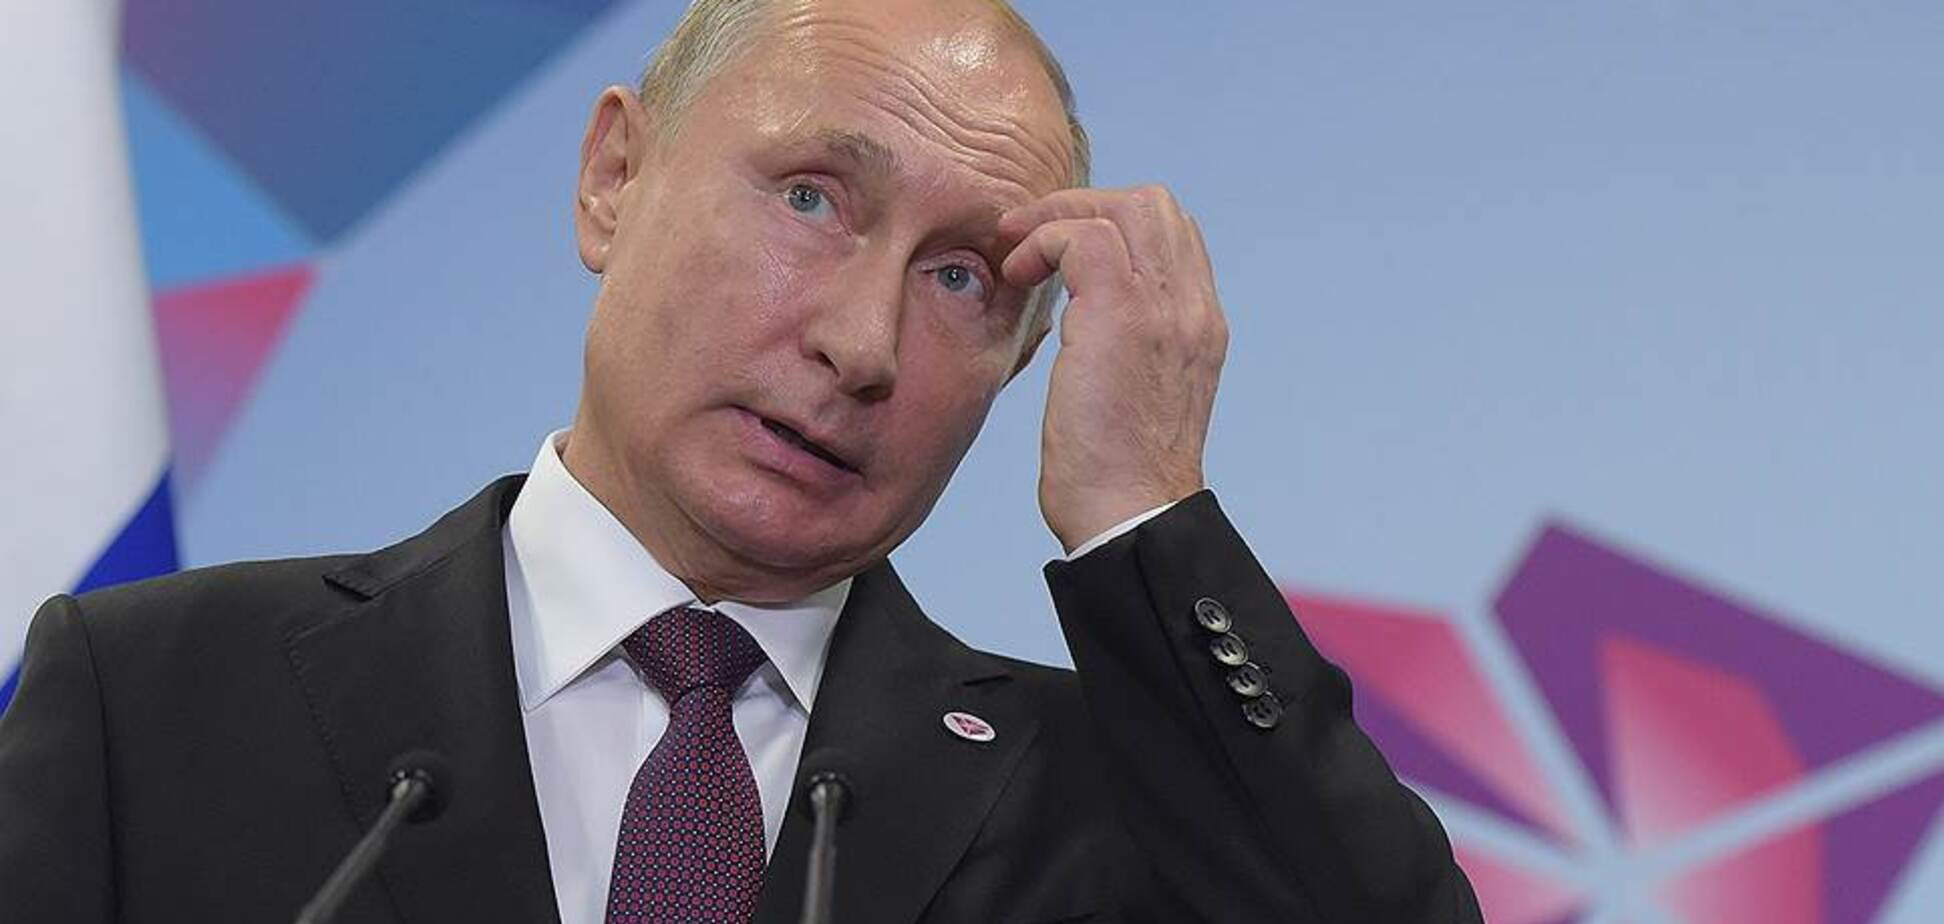 Пішли проти Путіна? У Росії визнали, що економіка сягнула 'стелі'